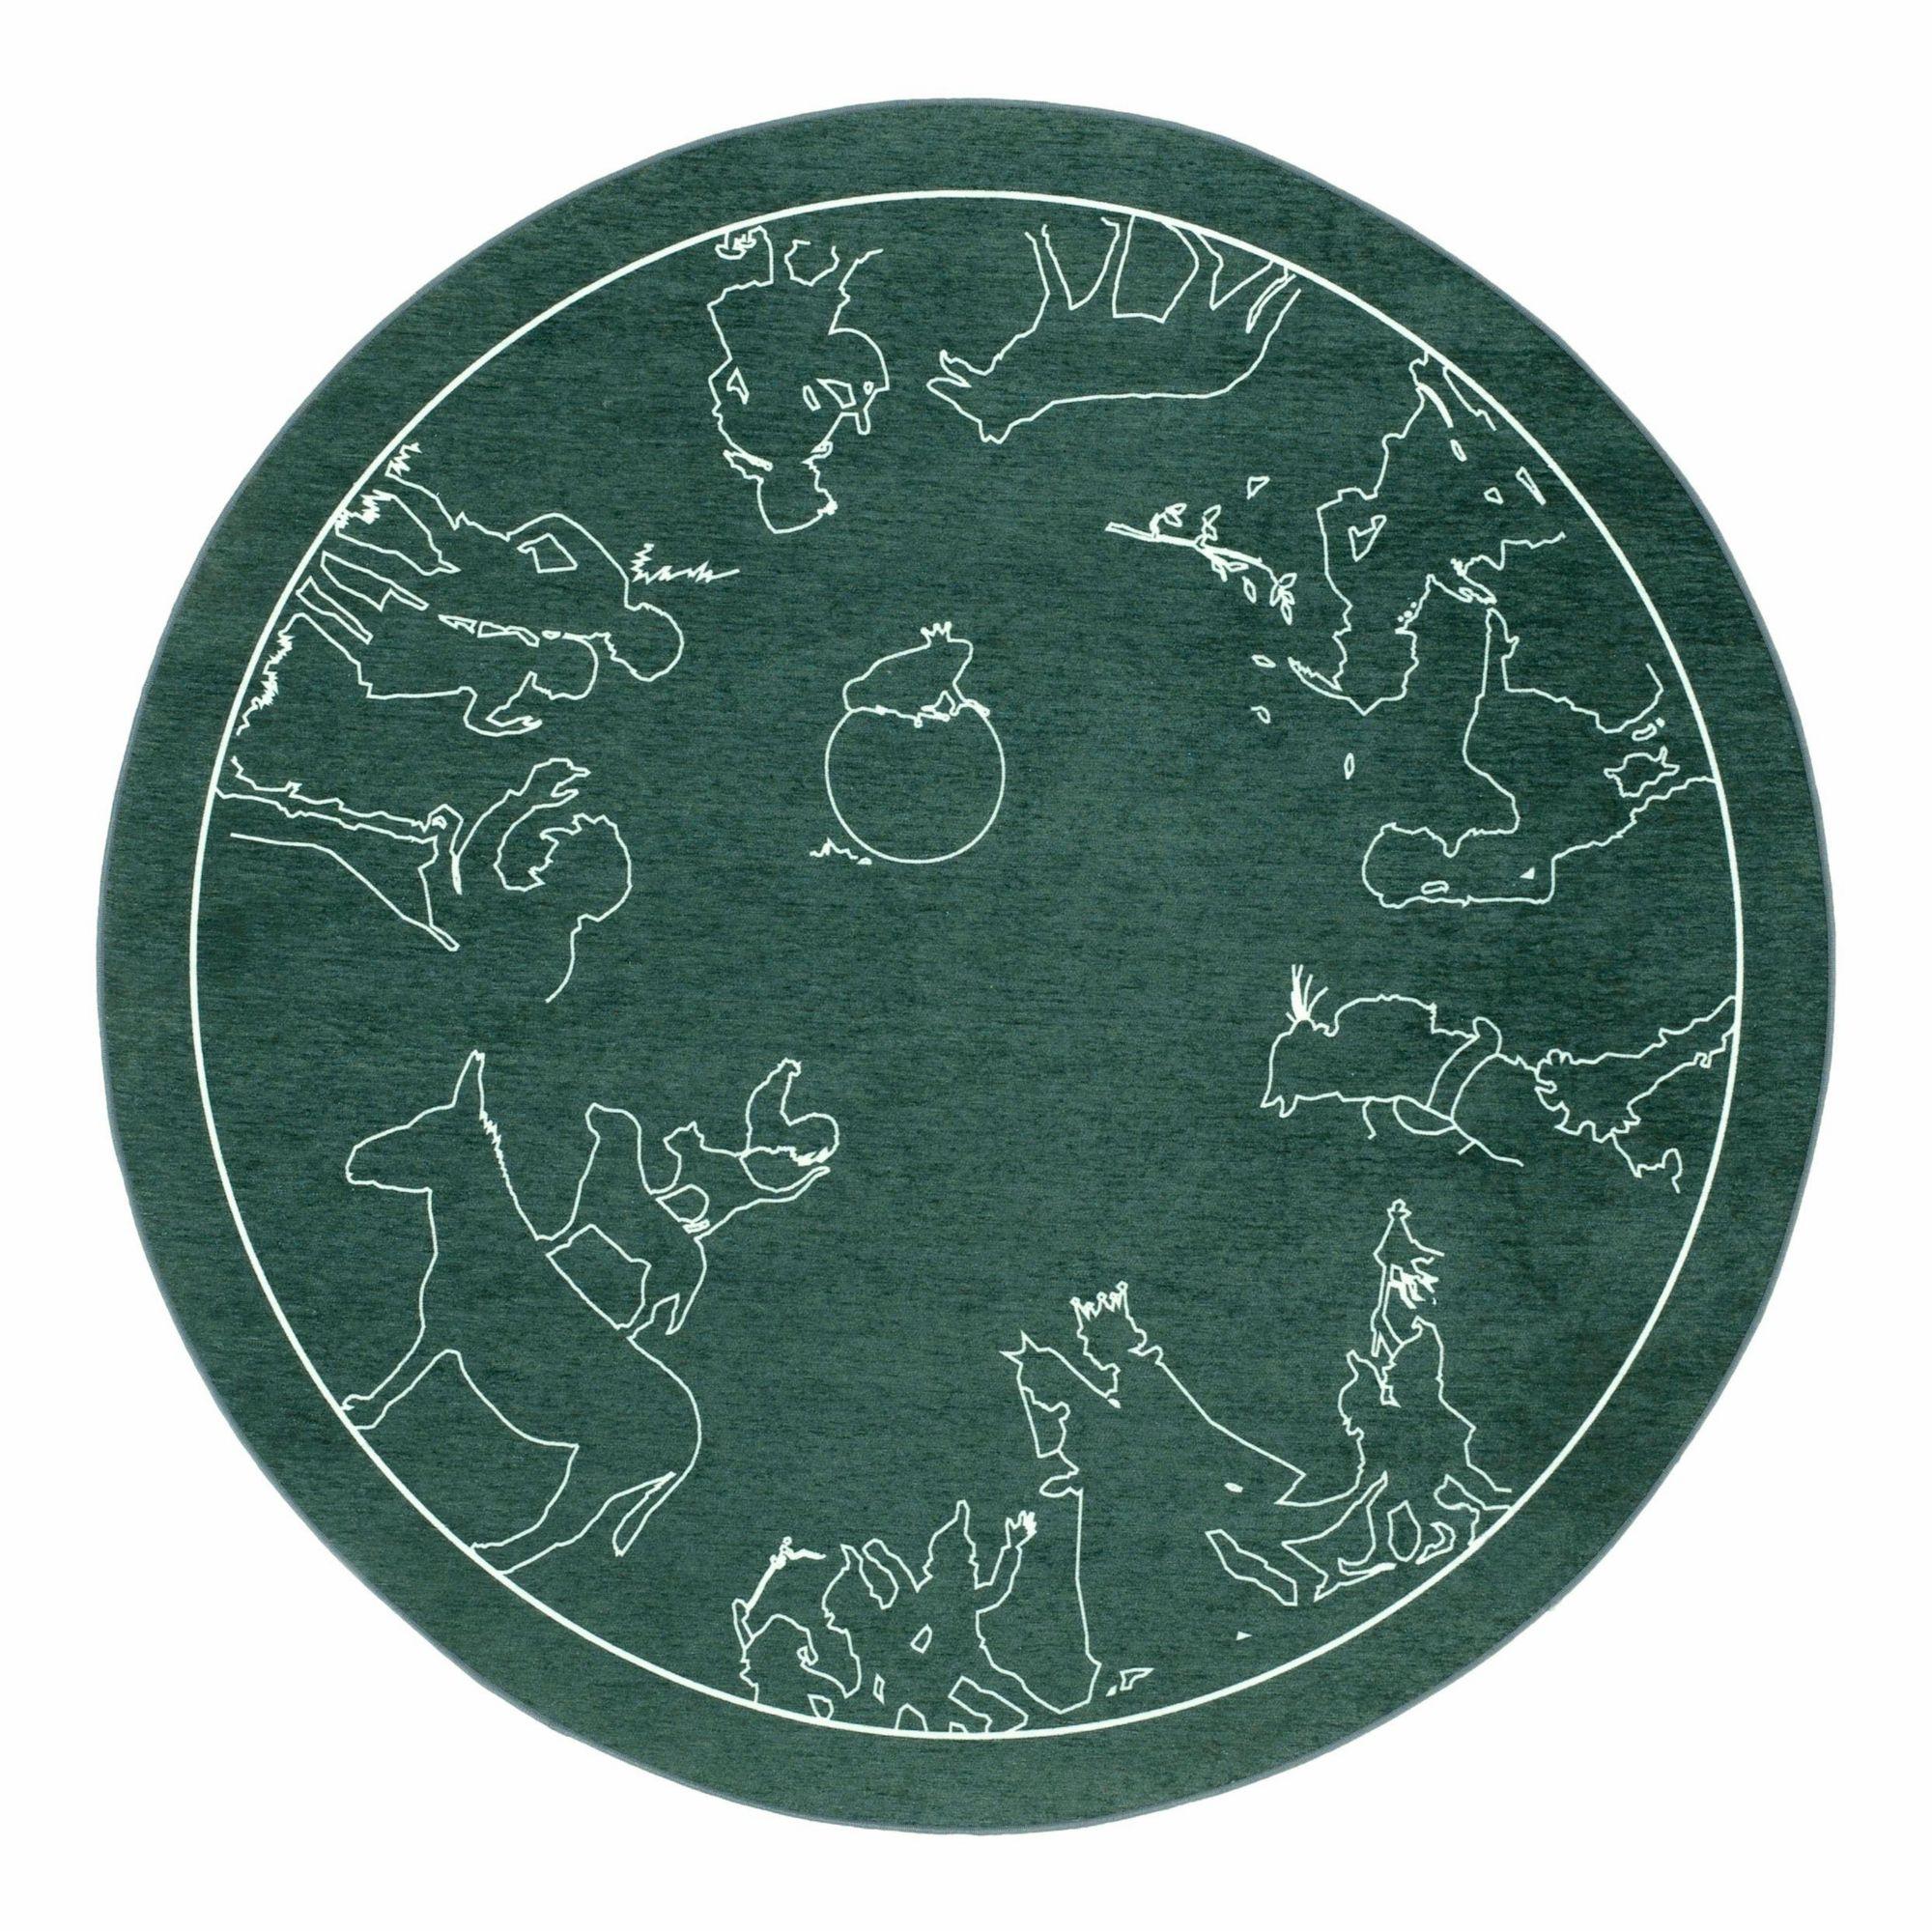 GRIMMLIIS Kinderteppich, »Märchen 7«, grimmliis, rund, Höhe 2 mm, maschinell gewebt